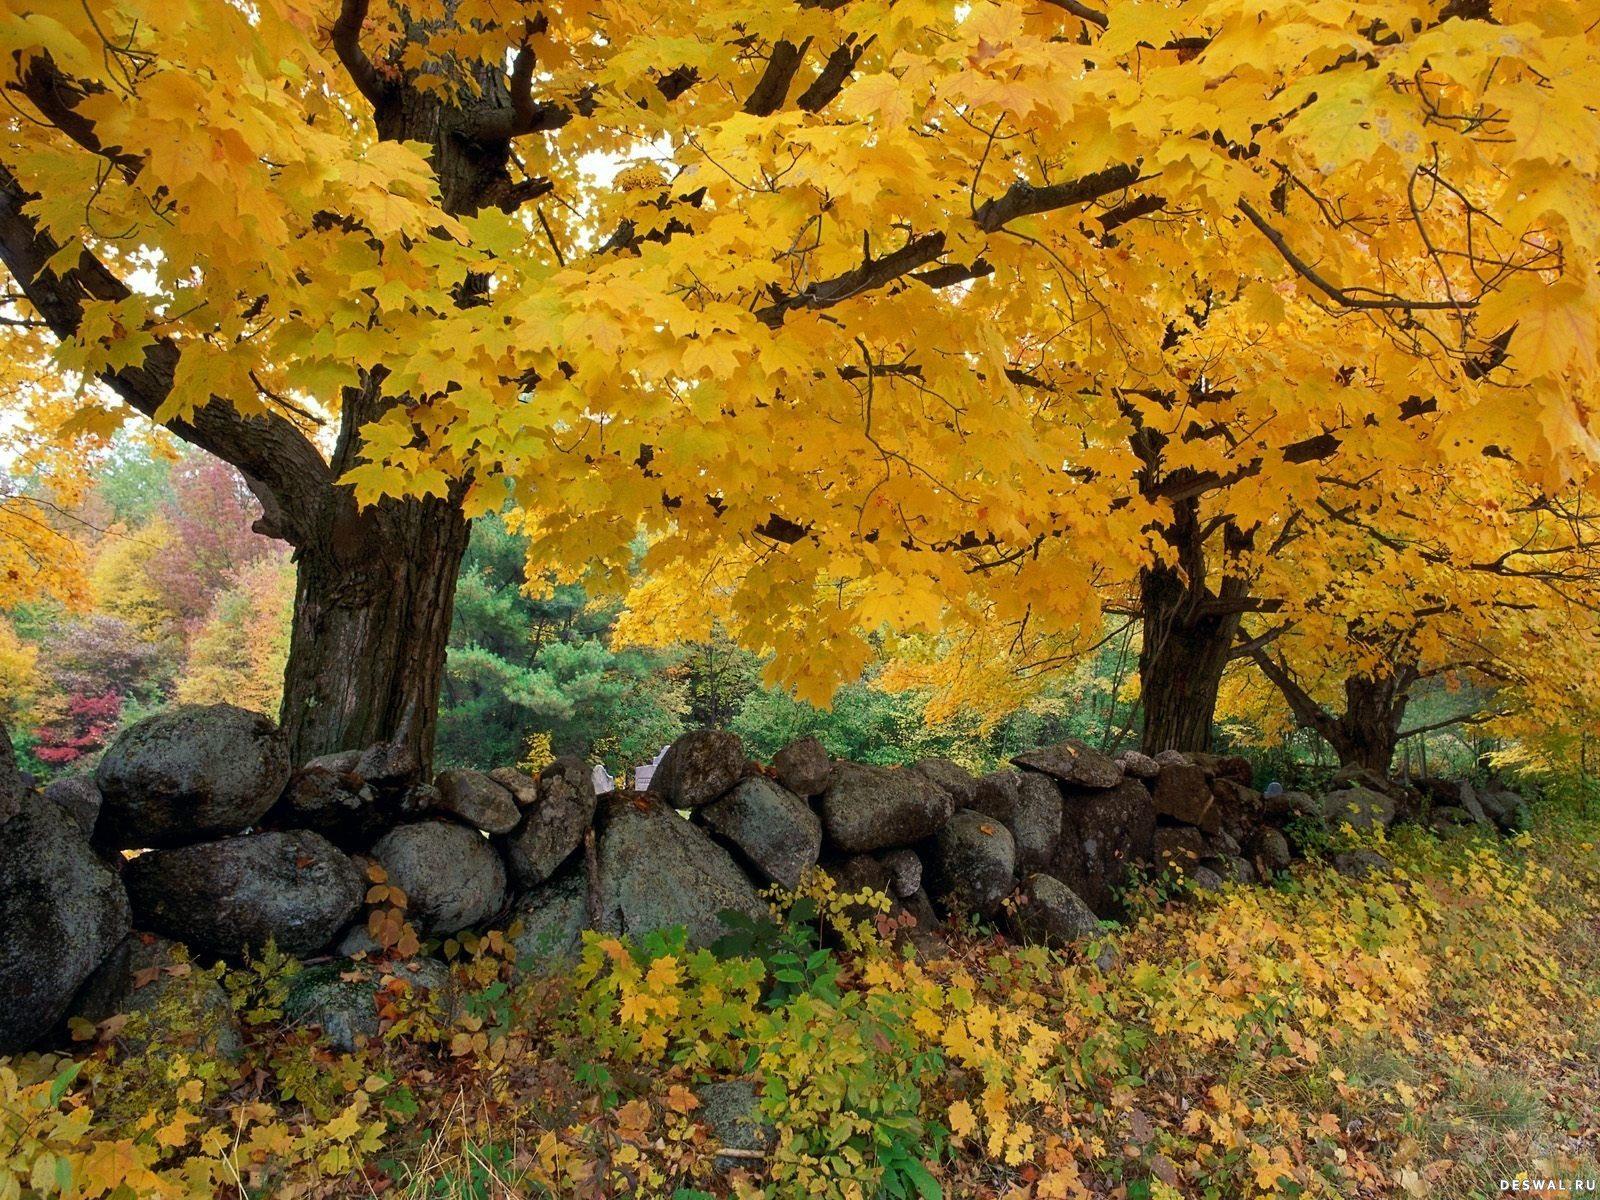 Фото 1.. Нажмите на картинку с обоями природы - осень, чтобы просмотреть ее в реальном размере